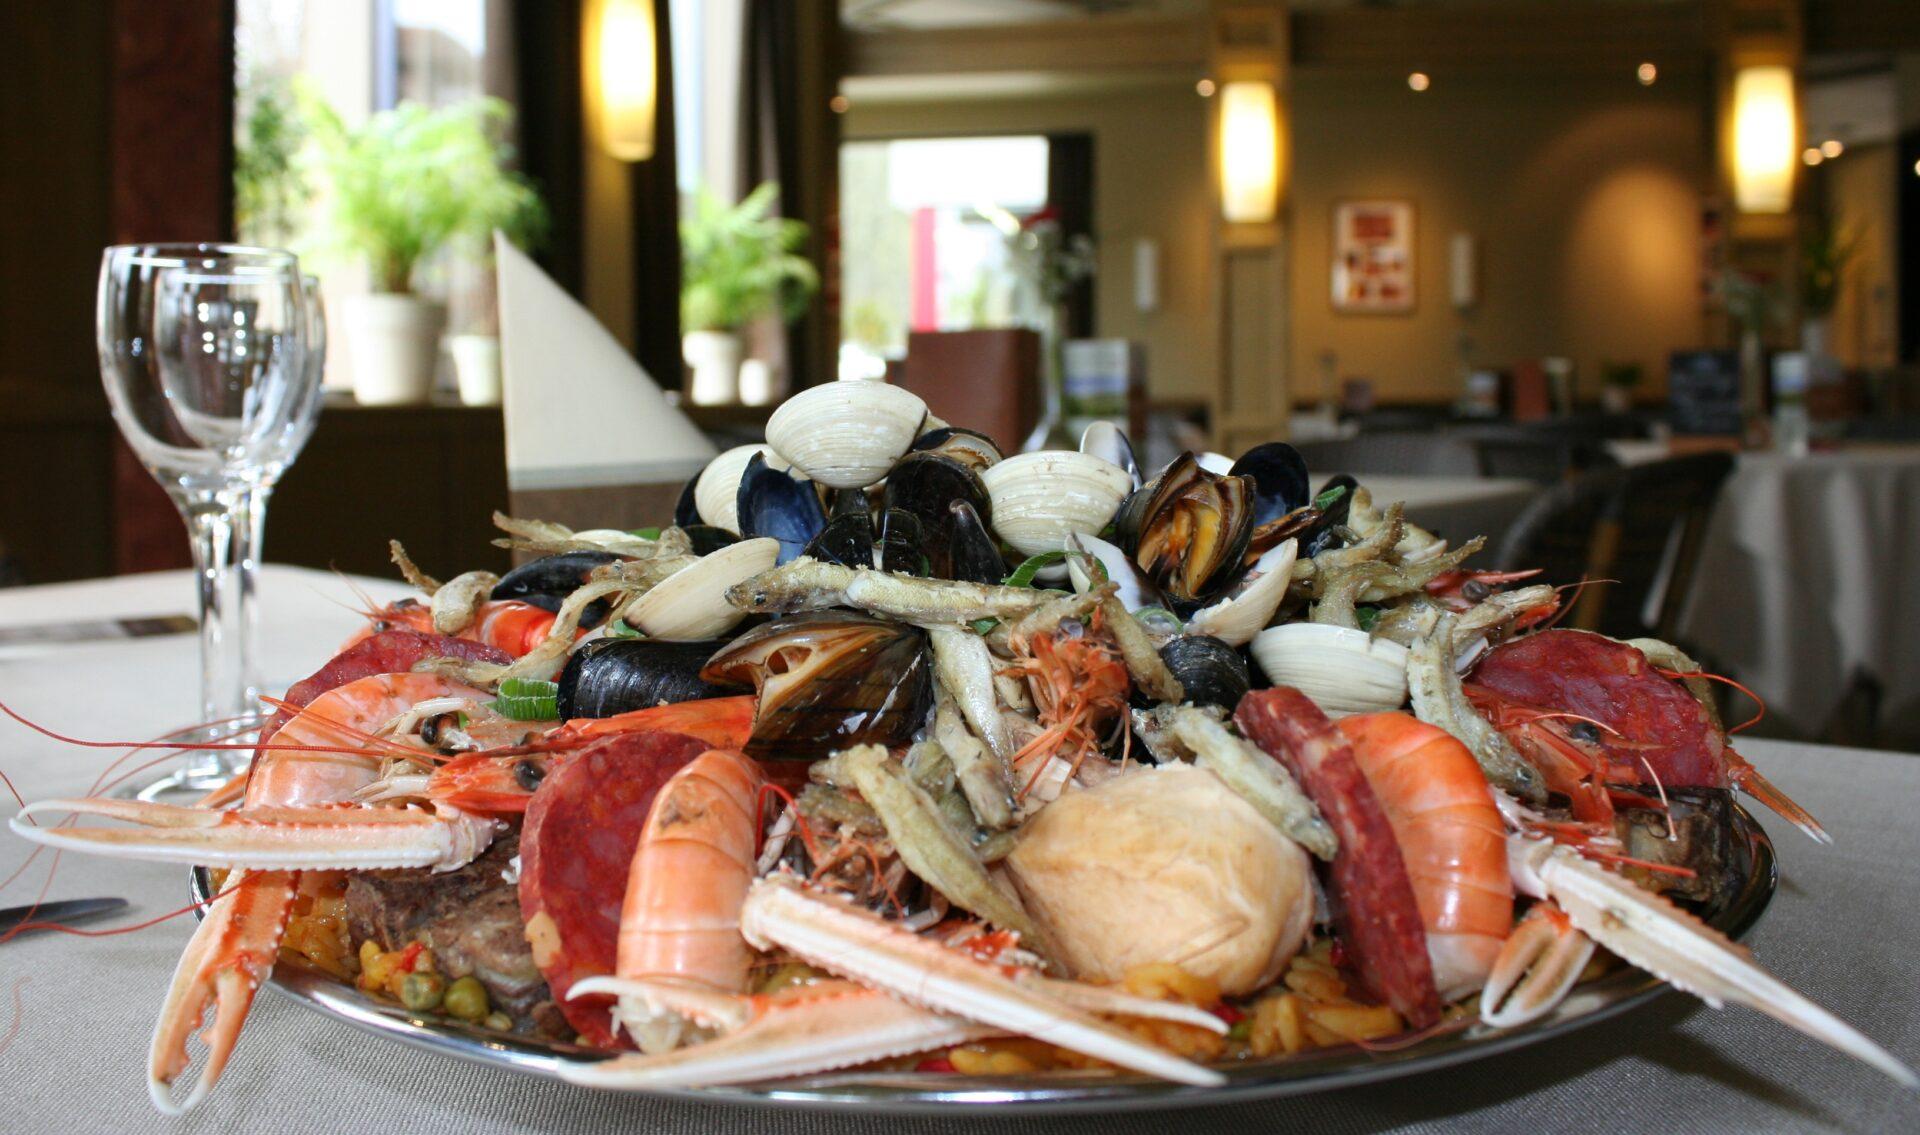 Gasthof Palace zon- en feestdagen Feestzaal Gastronomie Restaurant Tearoom Kluisberg | Salles des fêtes Mont de l'Enclus